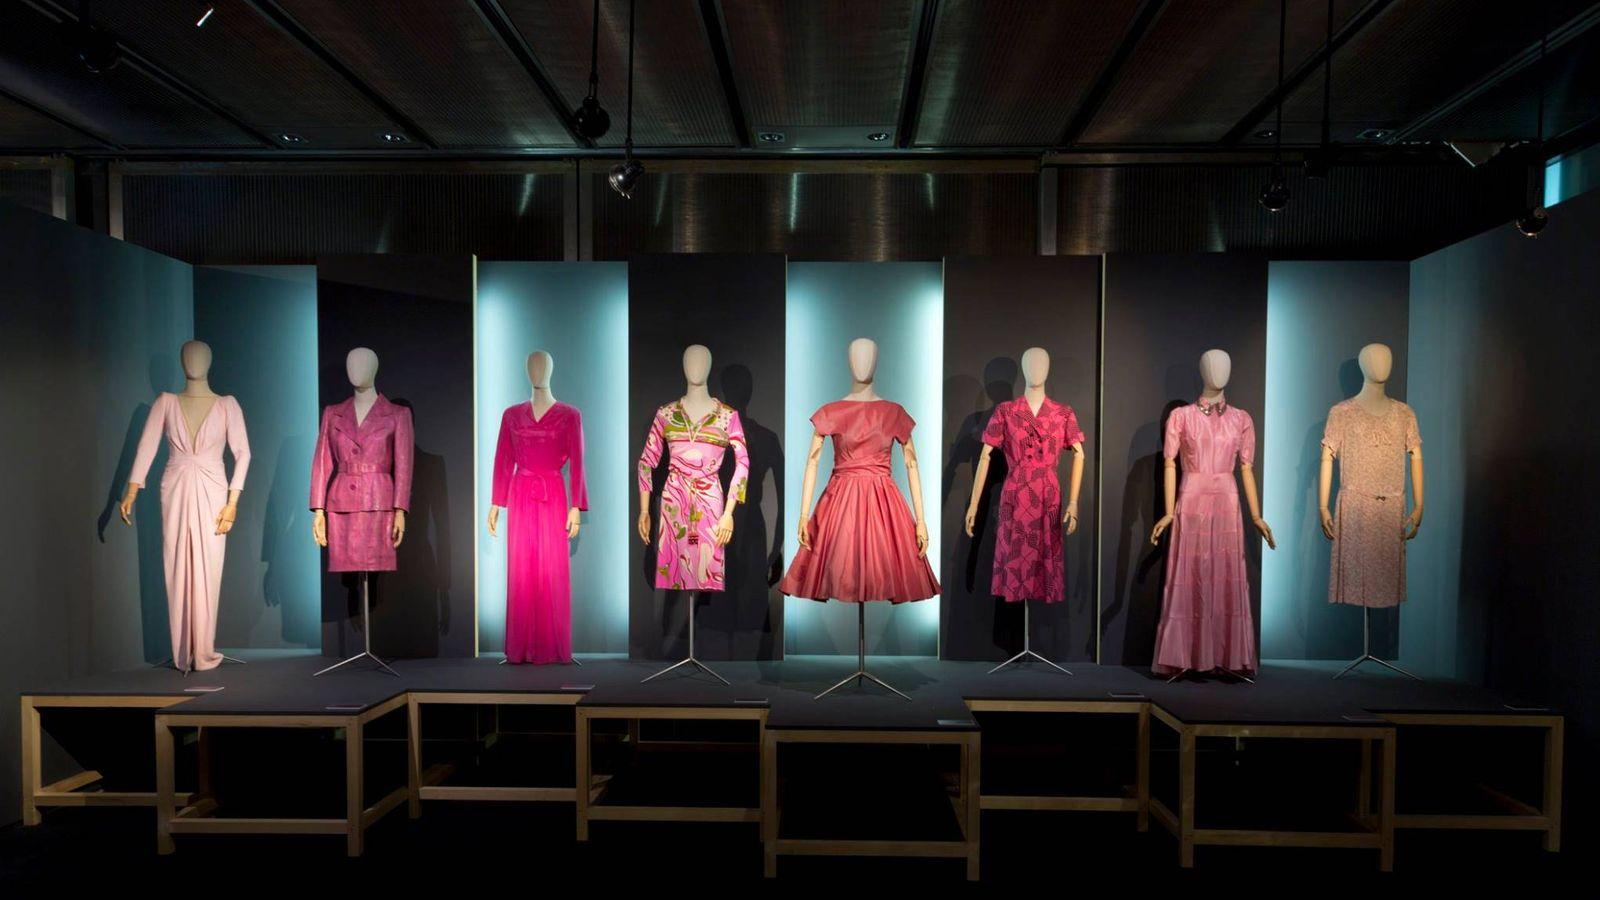 Foto: ¿Preparado para una gran explosión rosa? Esto es lo que te espera en la nueva exposición del Museo del Traje. (Cortesía)